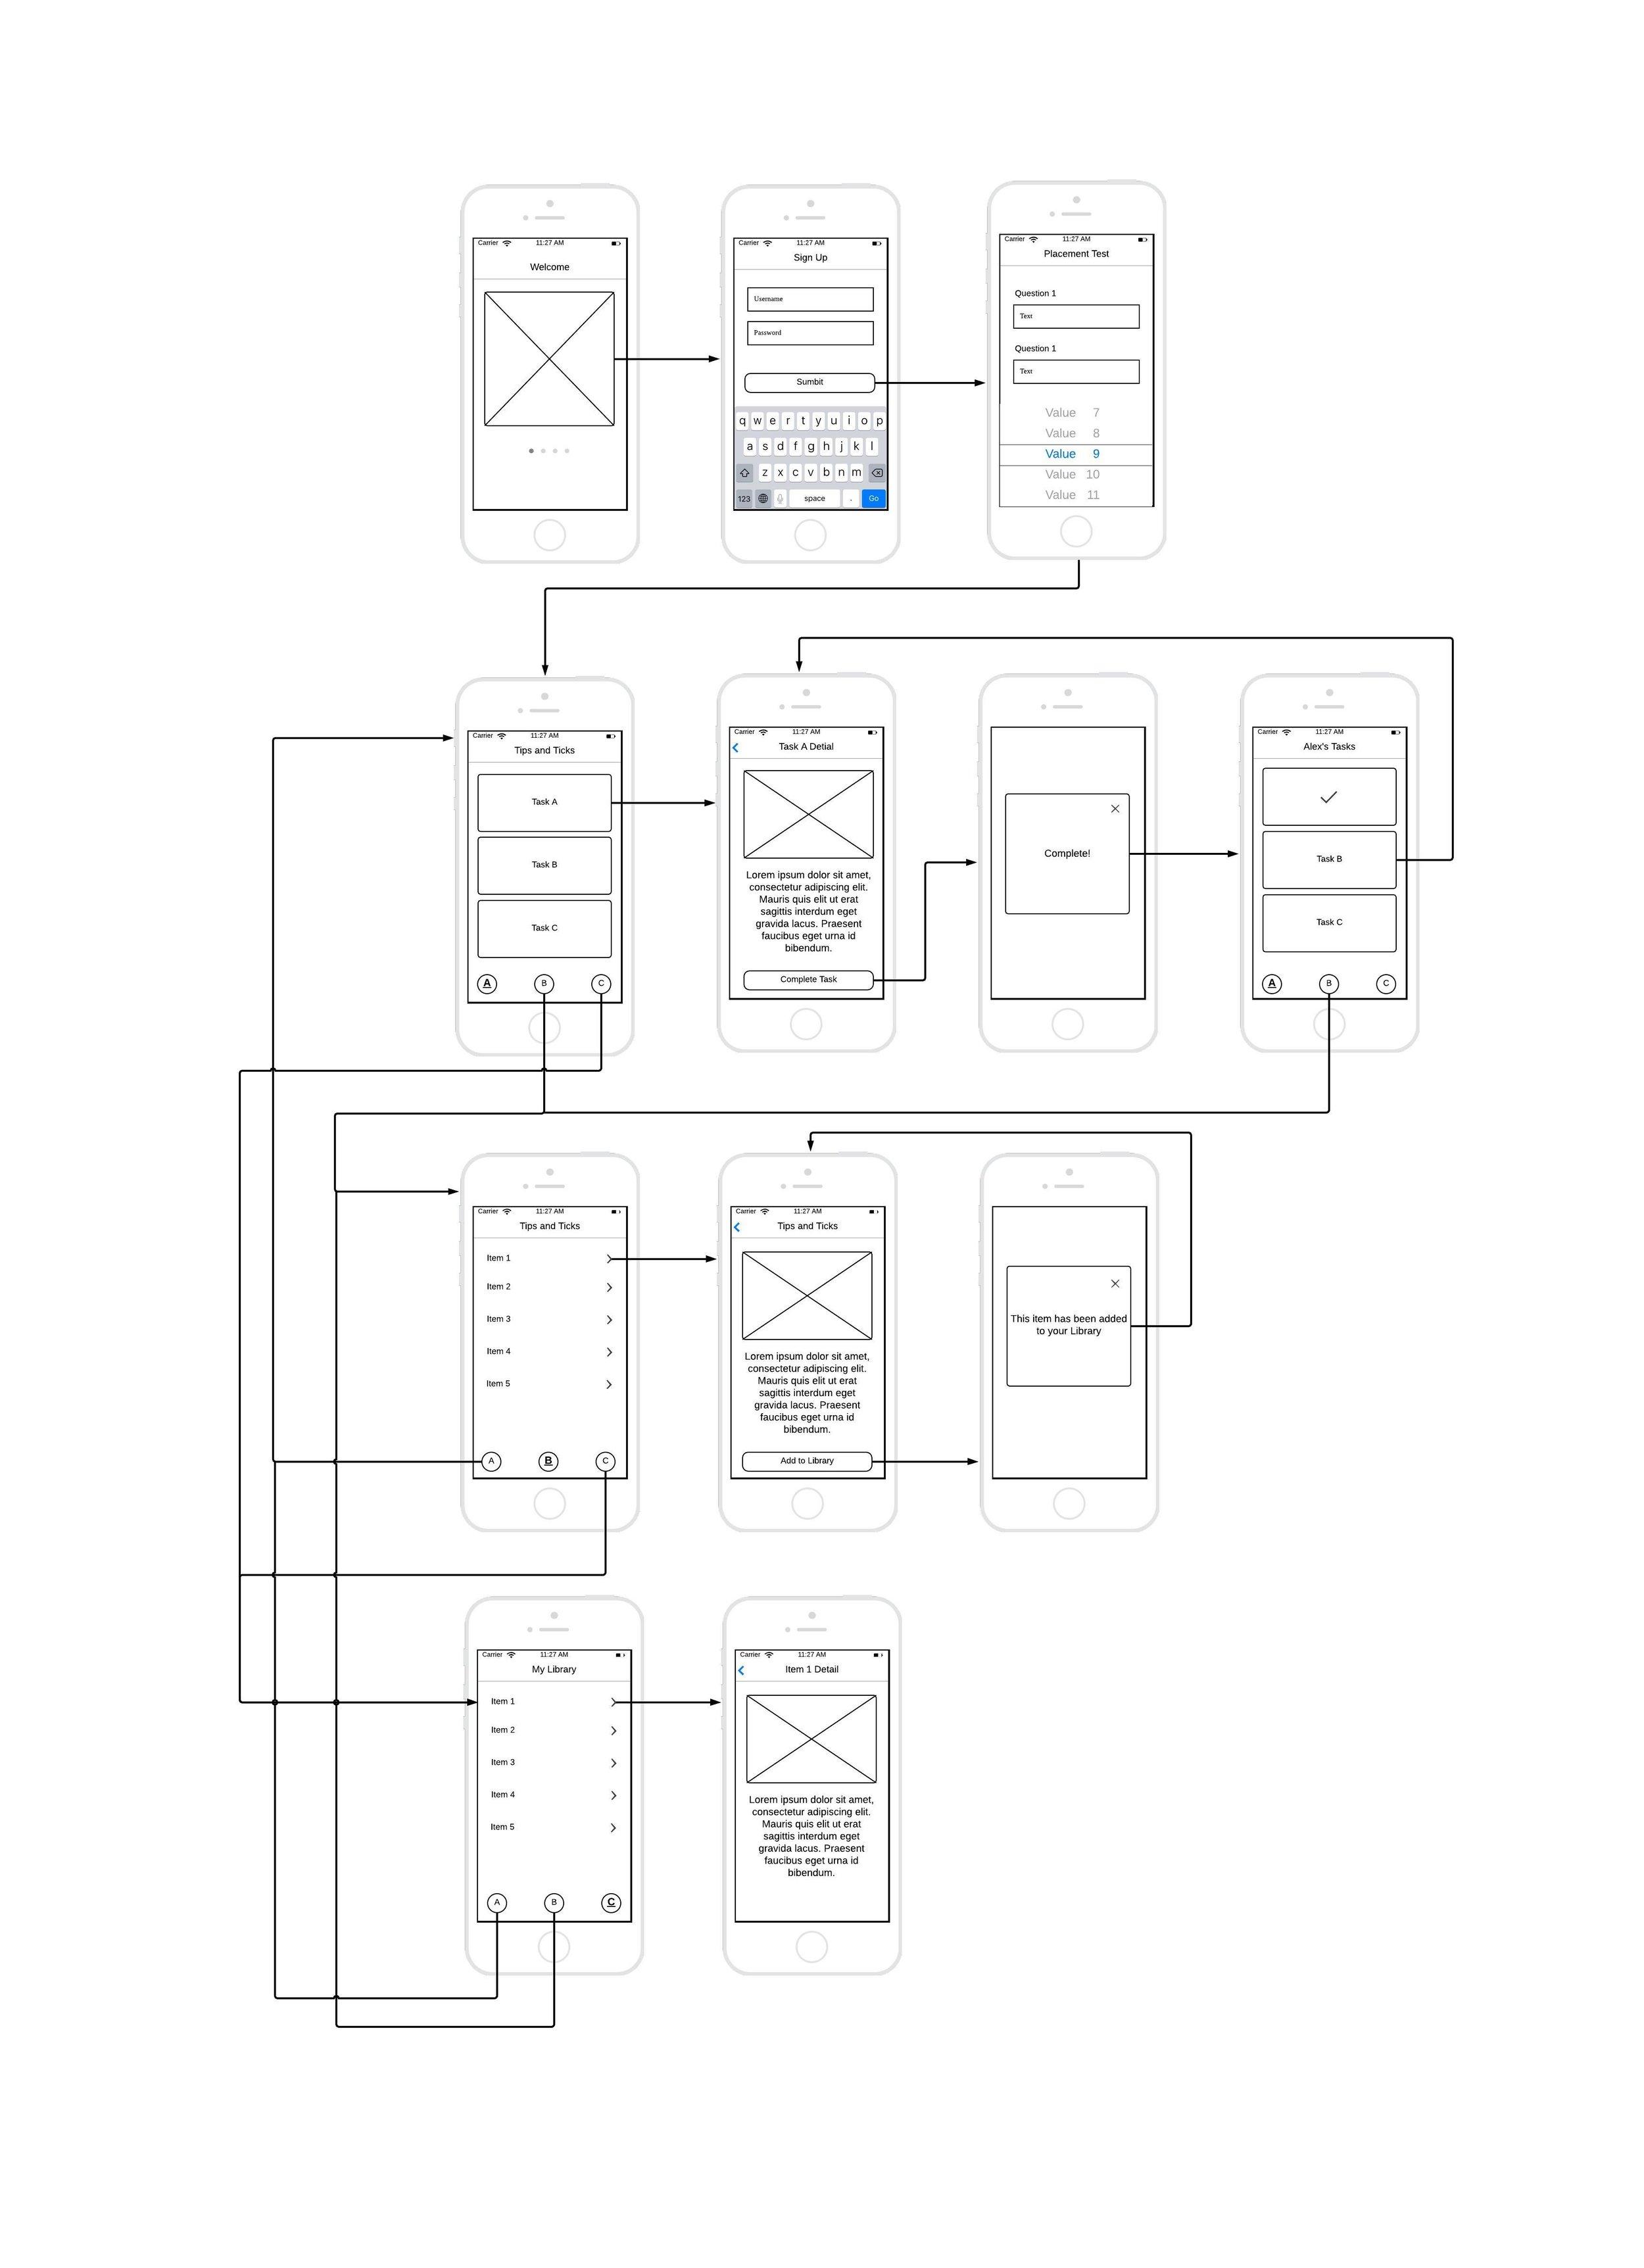 Blank Wireframe copy.jpeg